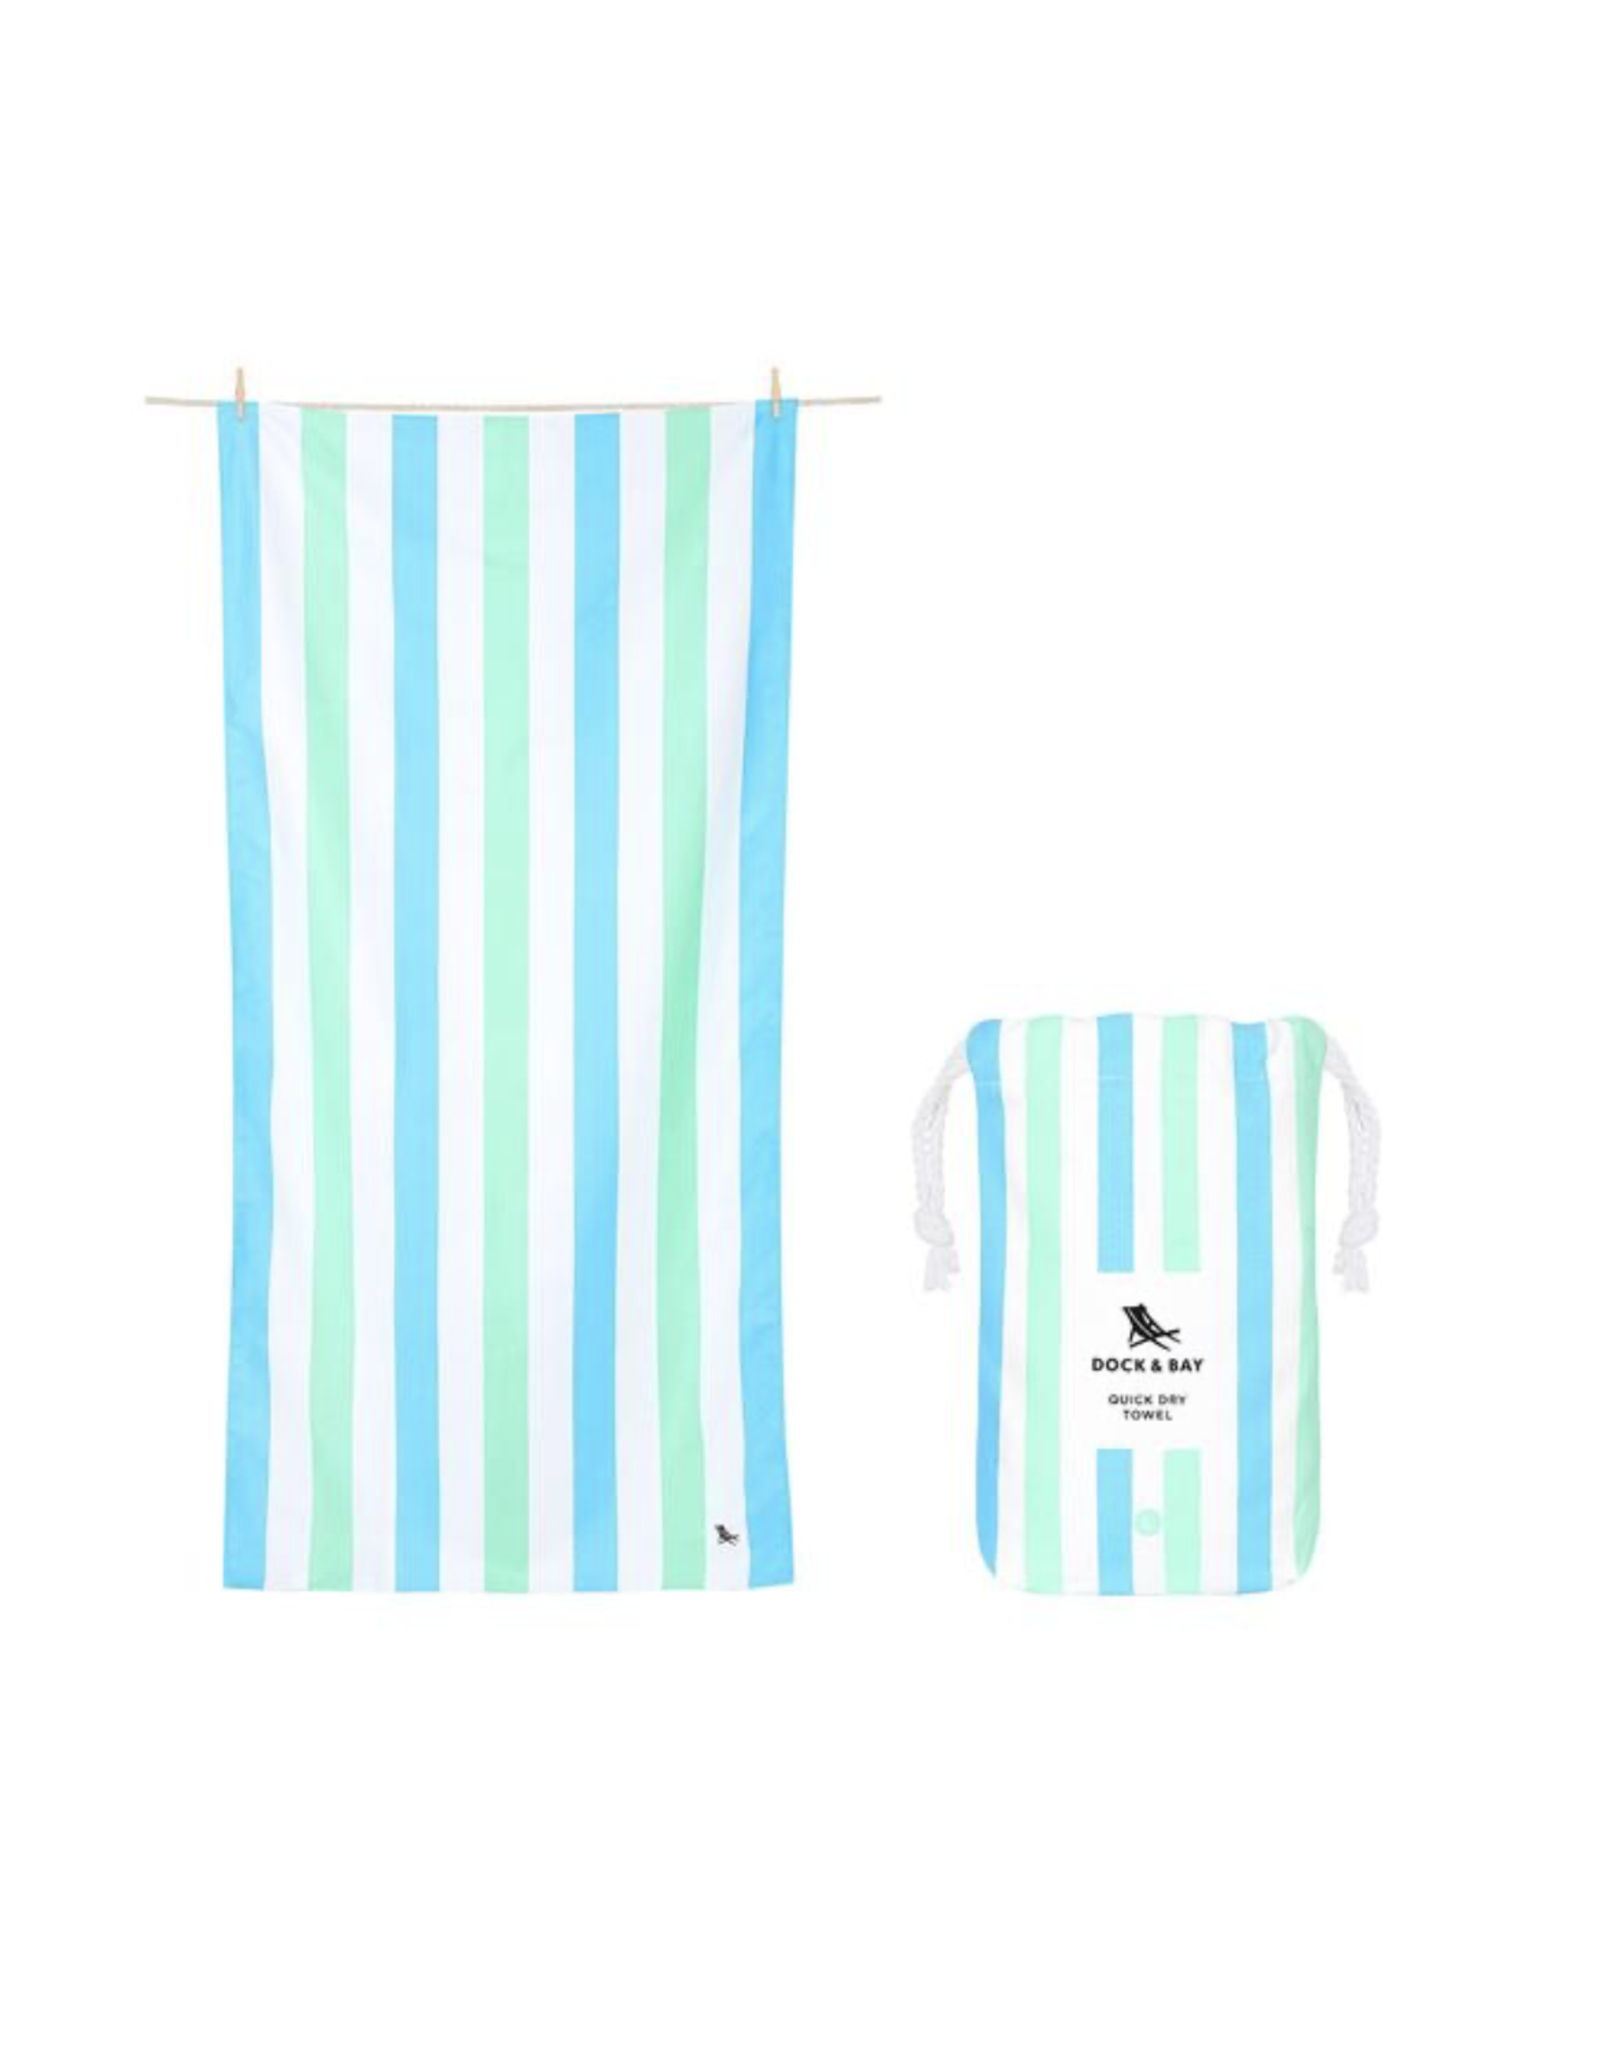 Dock & Bay Beach Towel Summer Endless Days